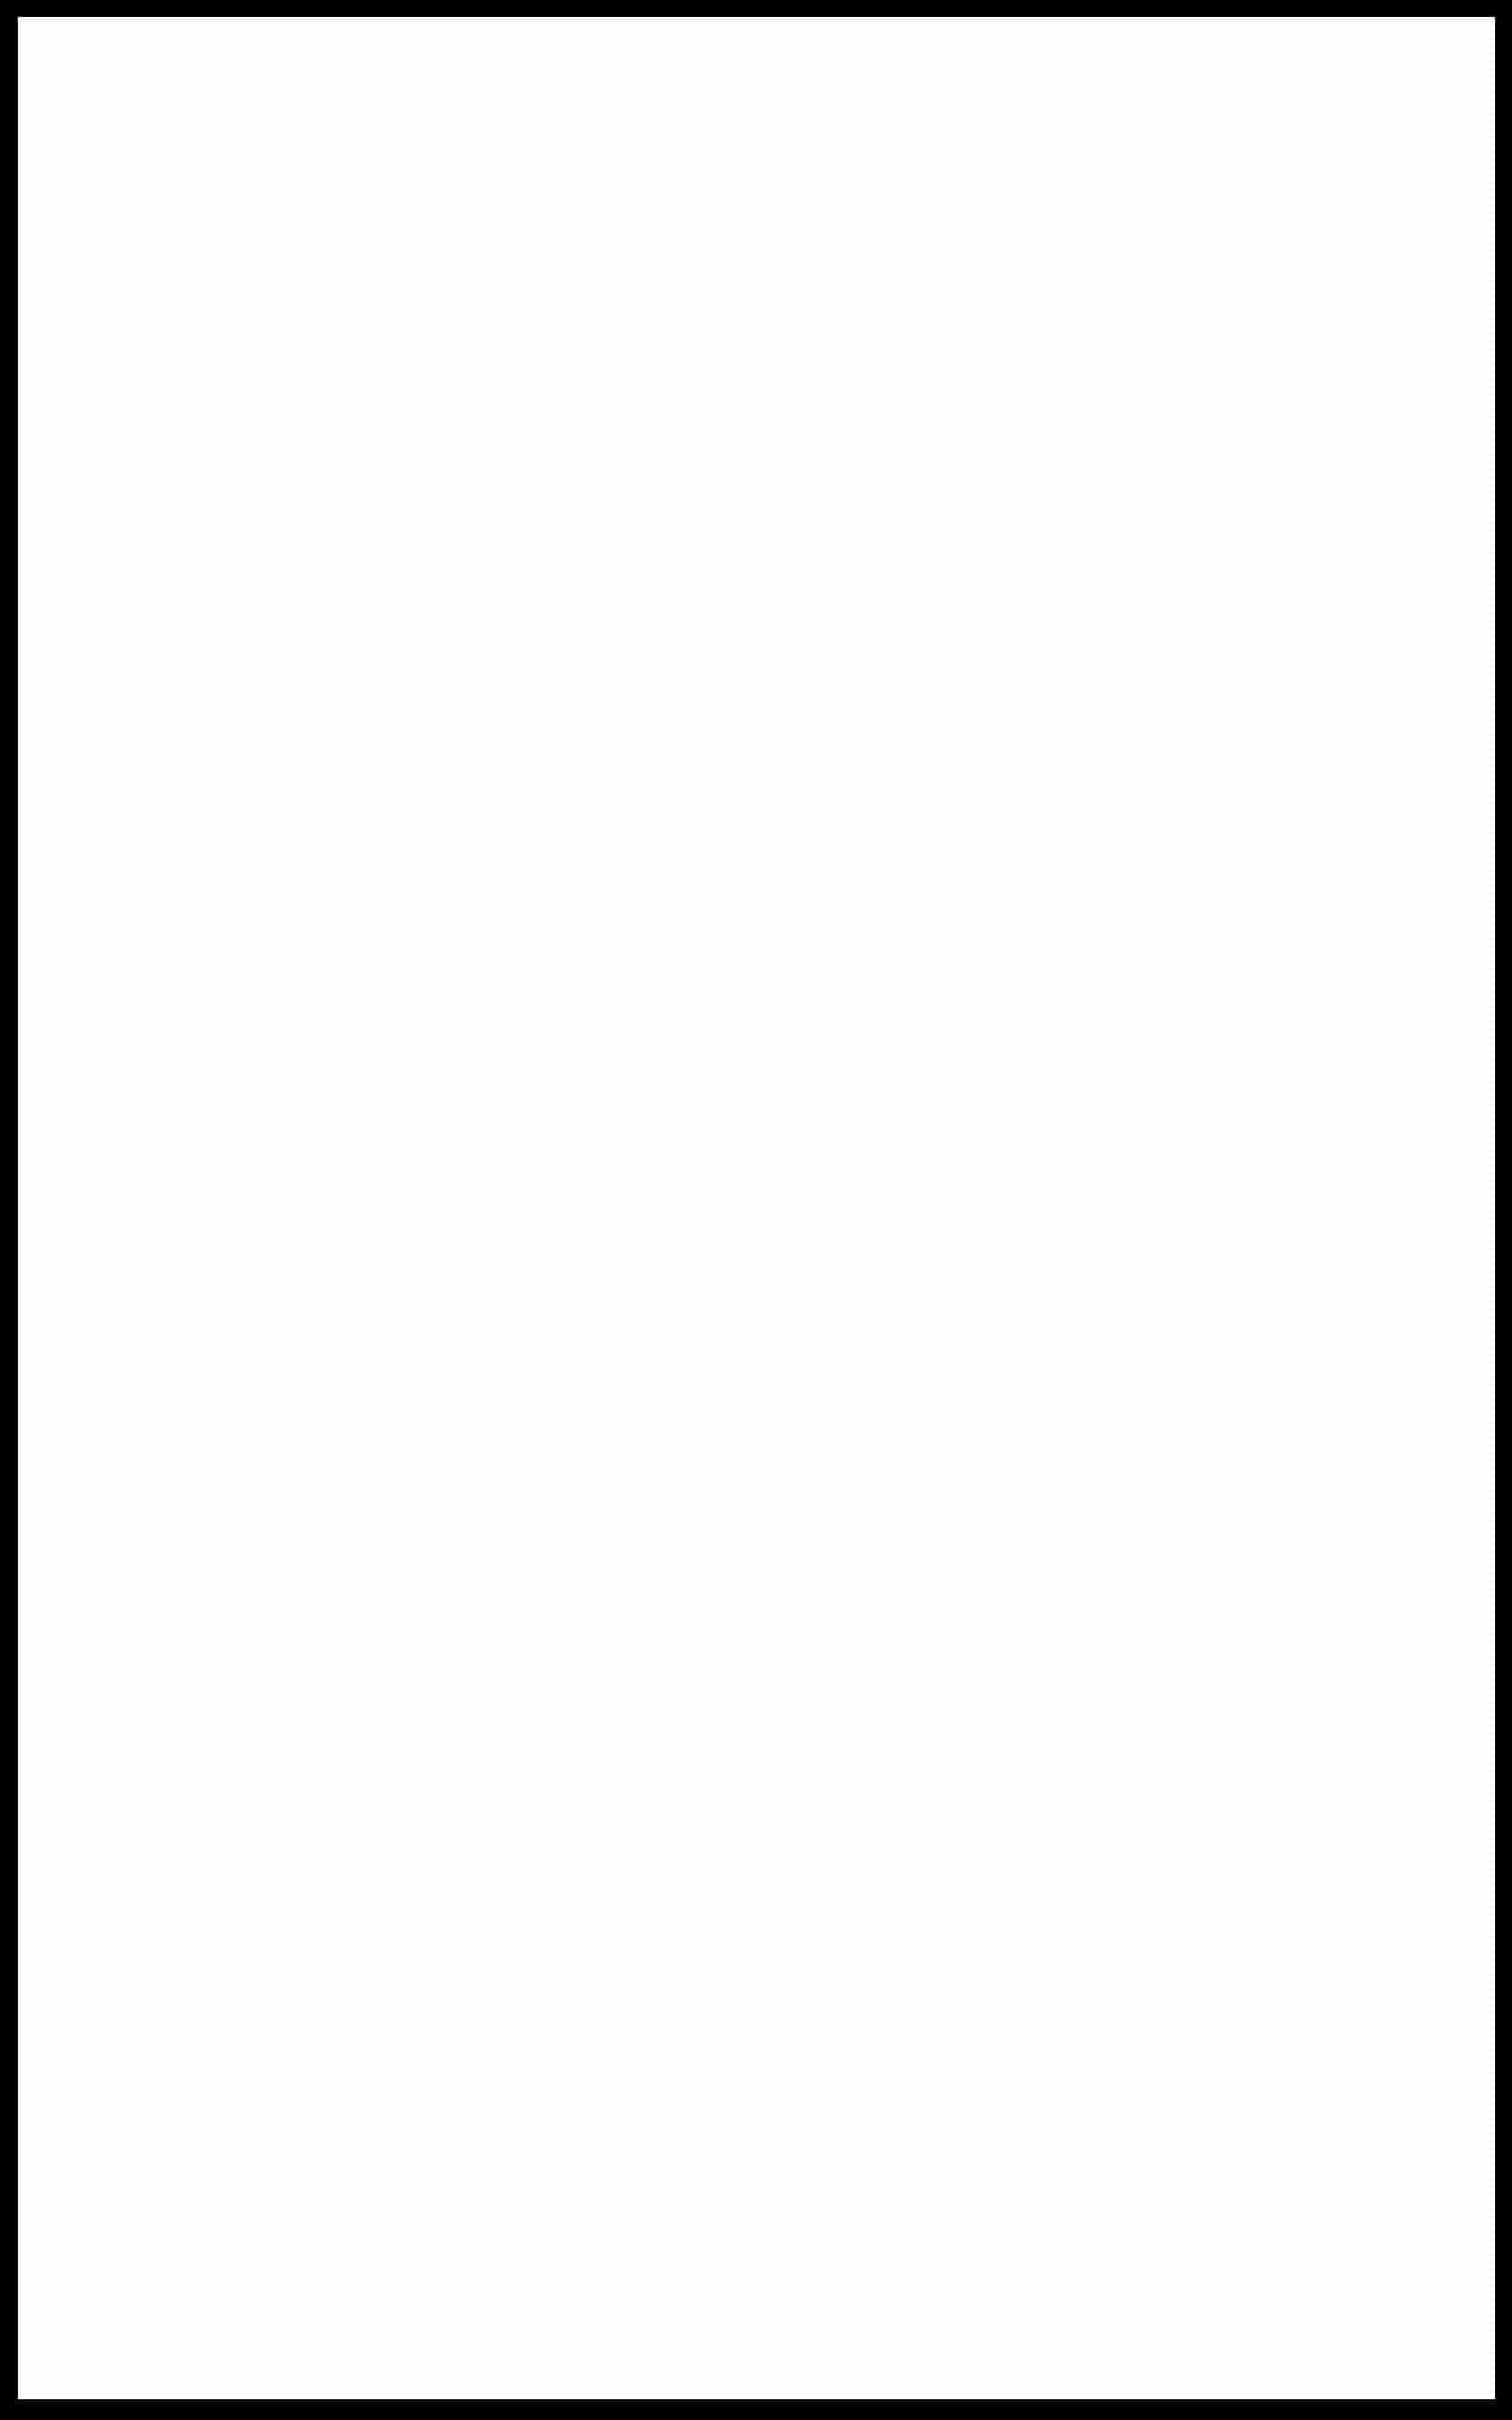 רקע בד לבן לצילום